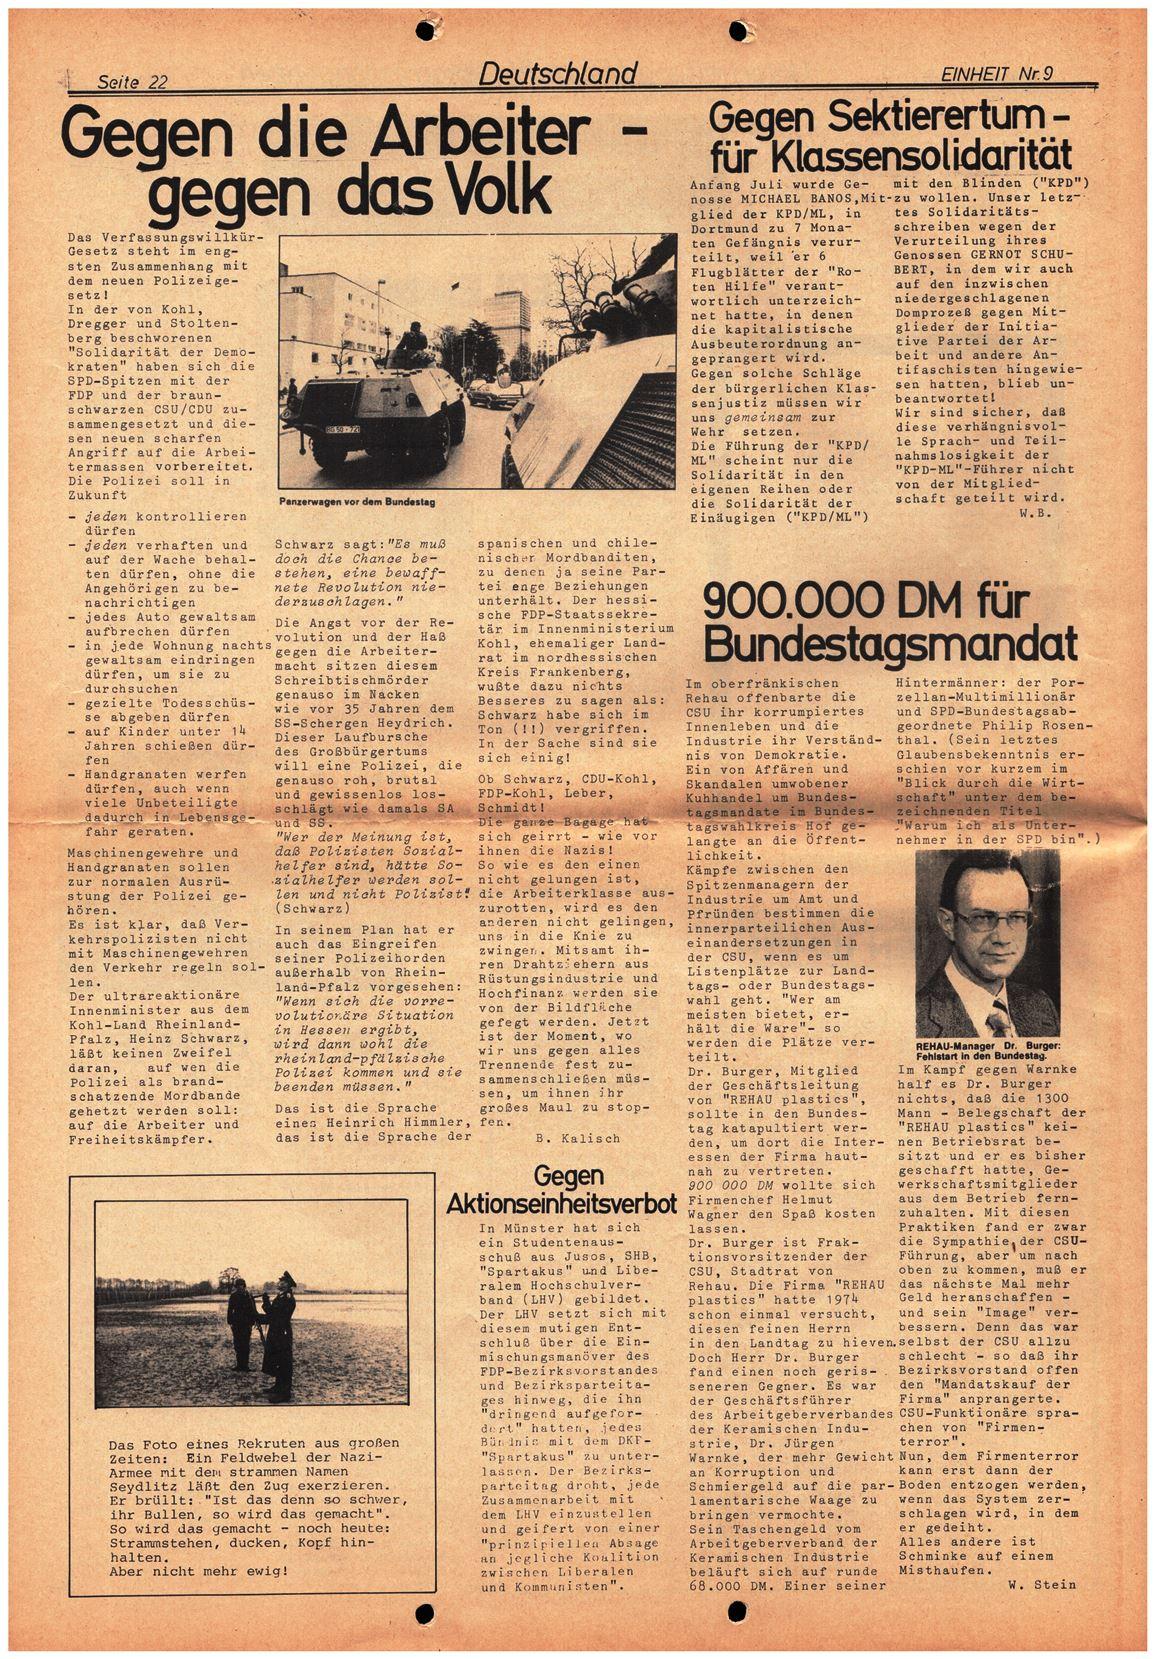 Koeln_IPdA_Einheit_1976_009_020